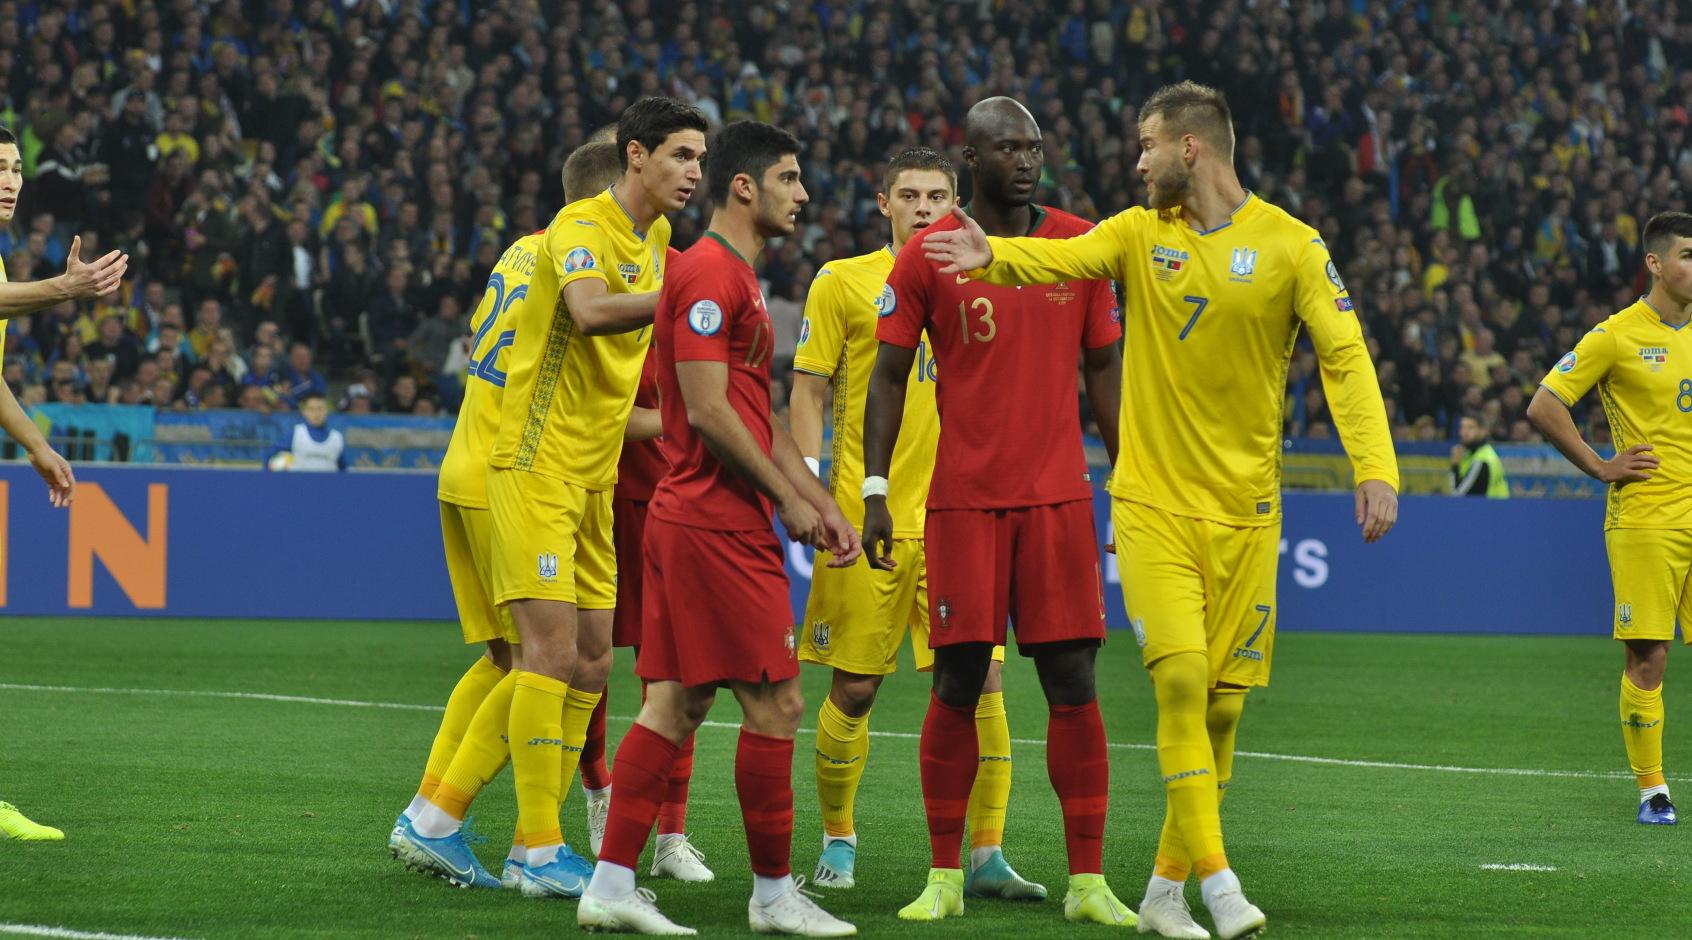 """Евгений Левченко: """"У Голландии есть сильные игроки, но Украина больше не является легким противником"""""""